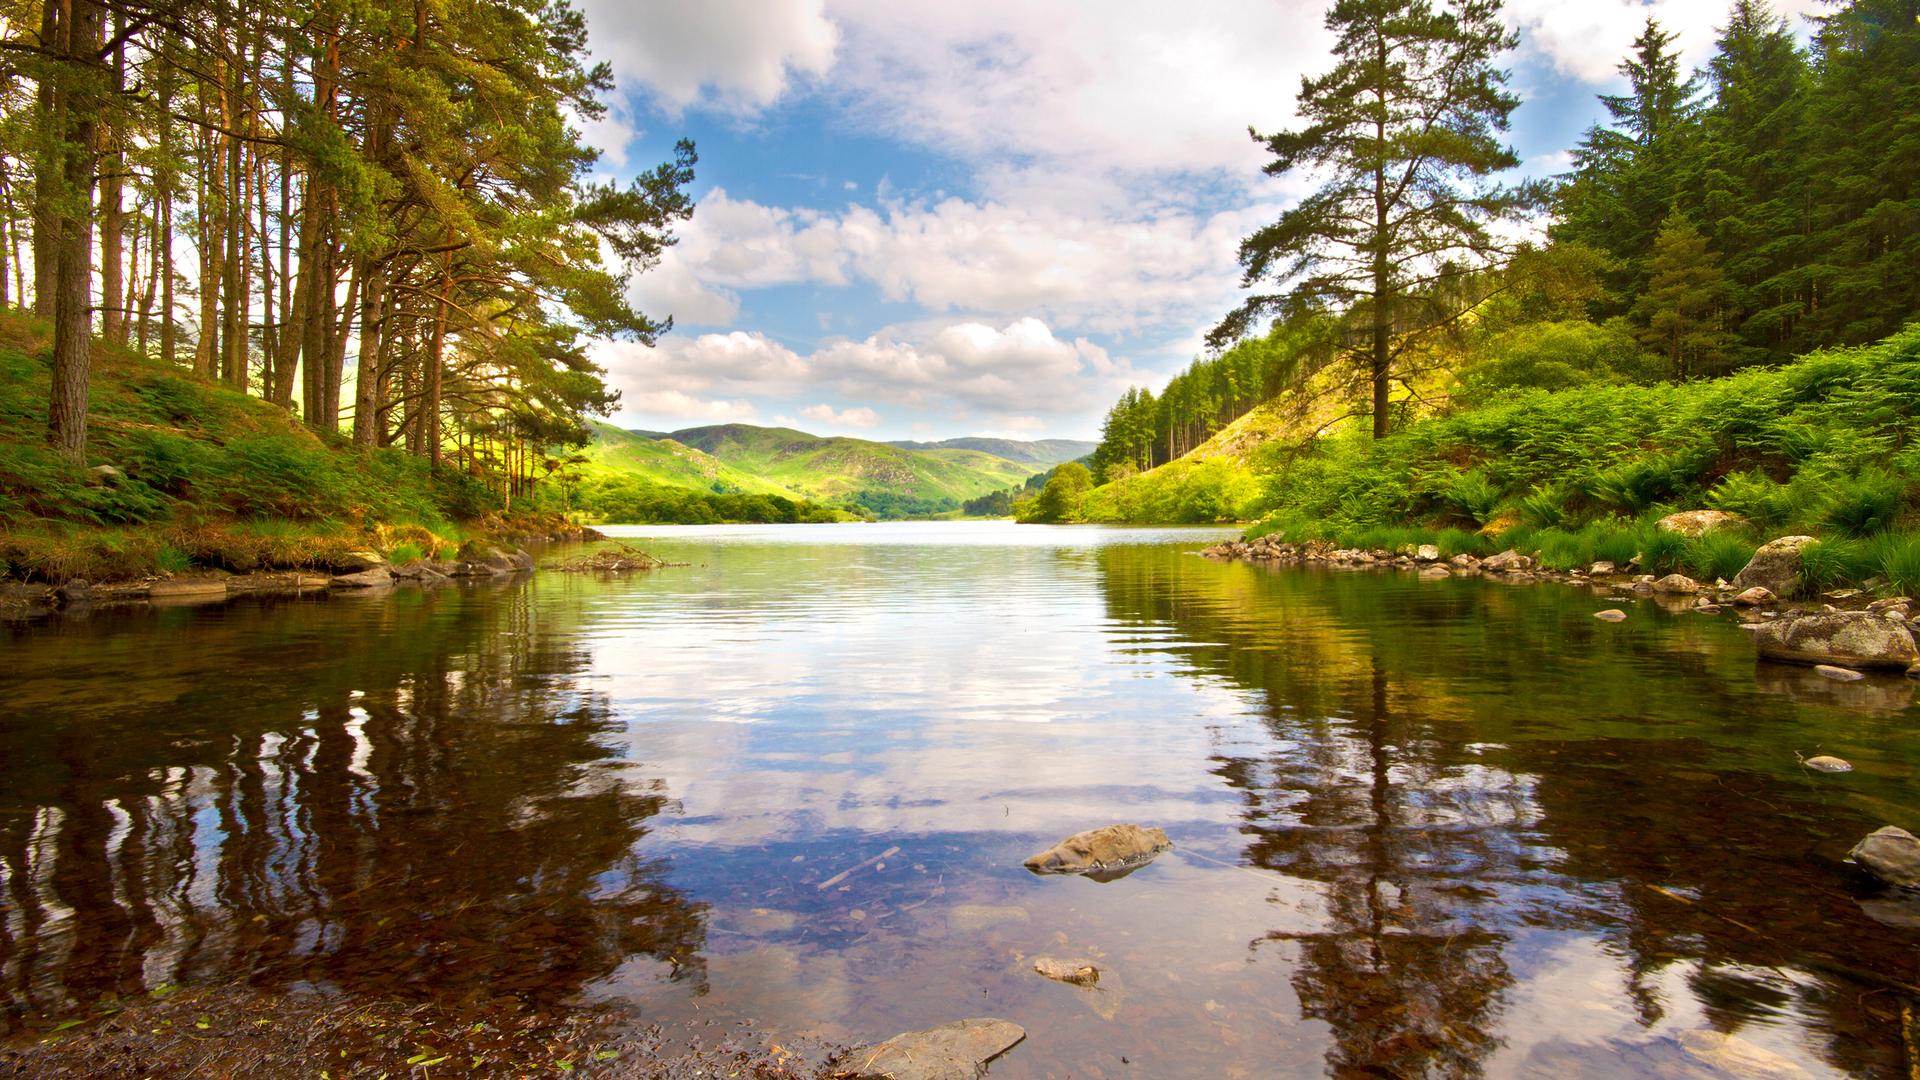 рассмотрев картинки на рабочий стол природа лес озера реки облака бесплатно хорошем